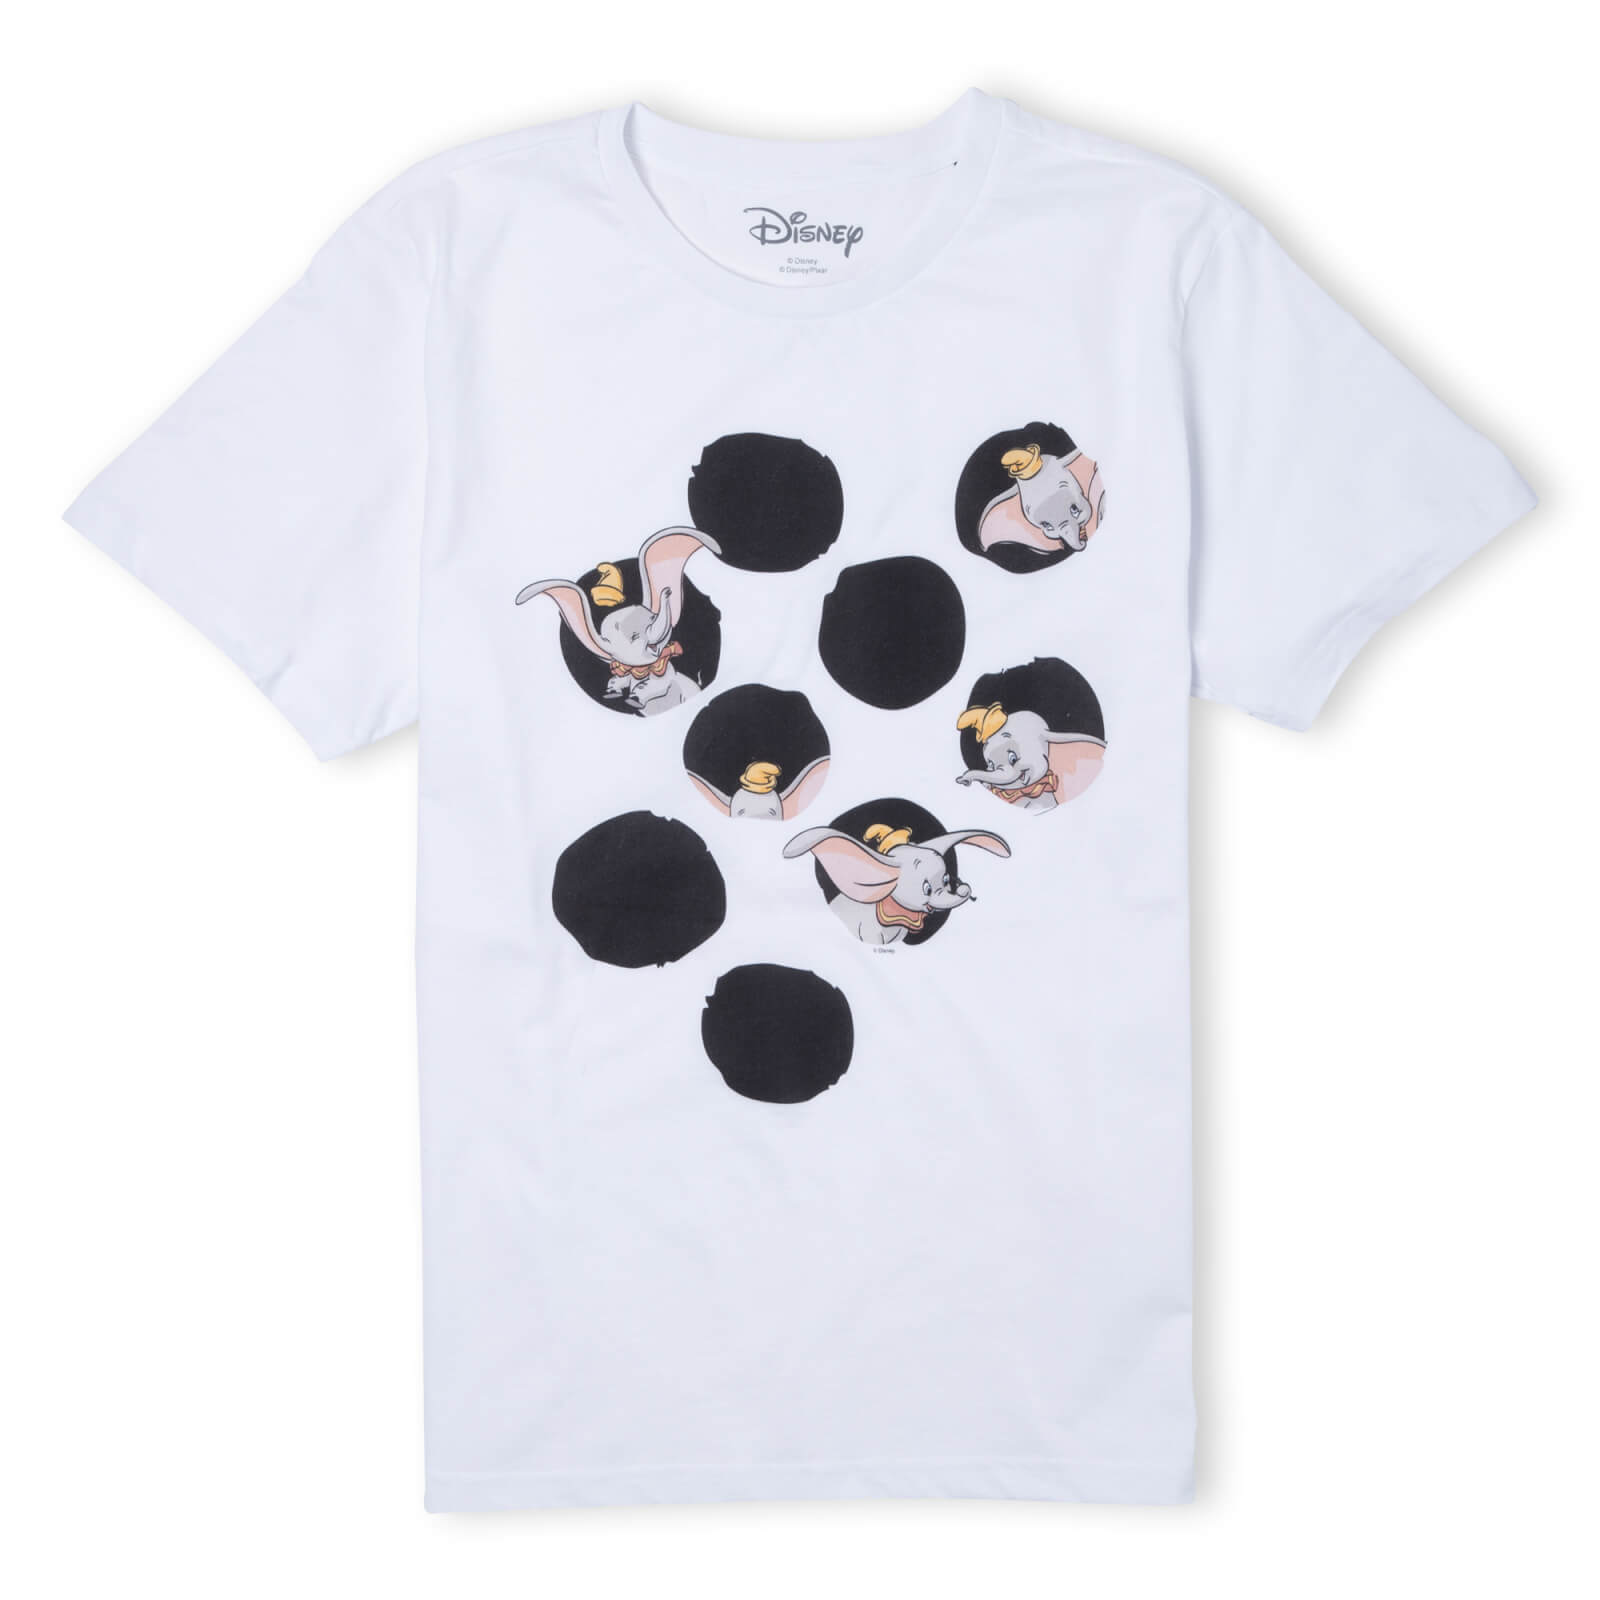 Image of Disney Dumbo Peekaboo T-Shirt - White - 3XL - White